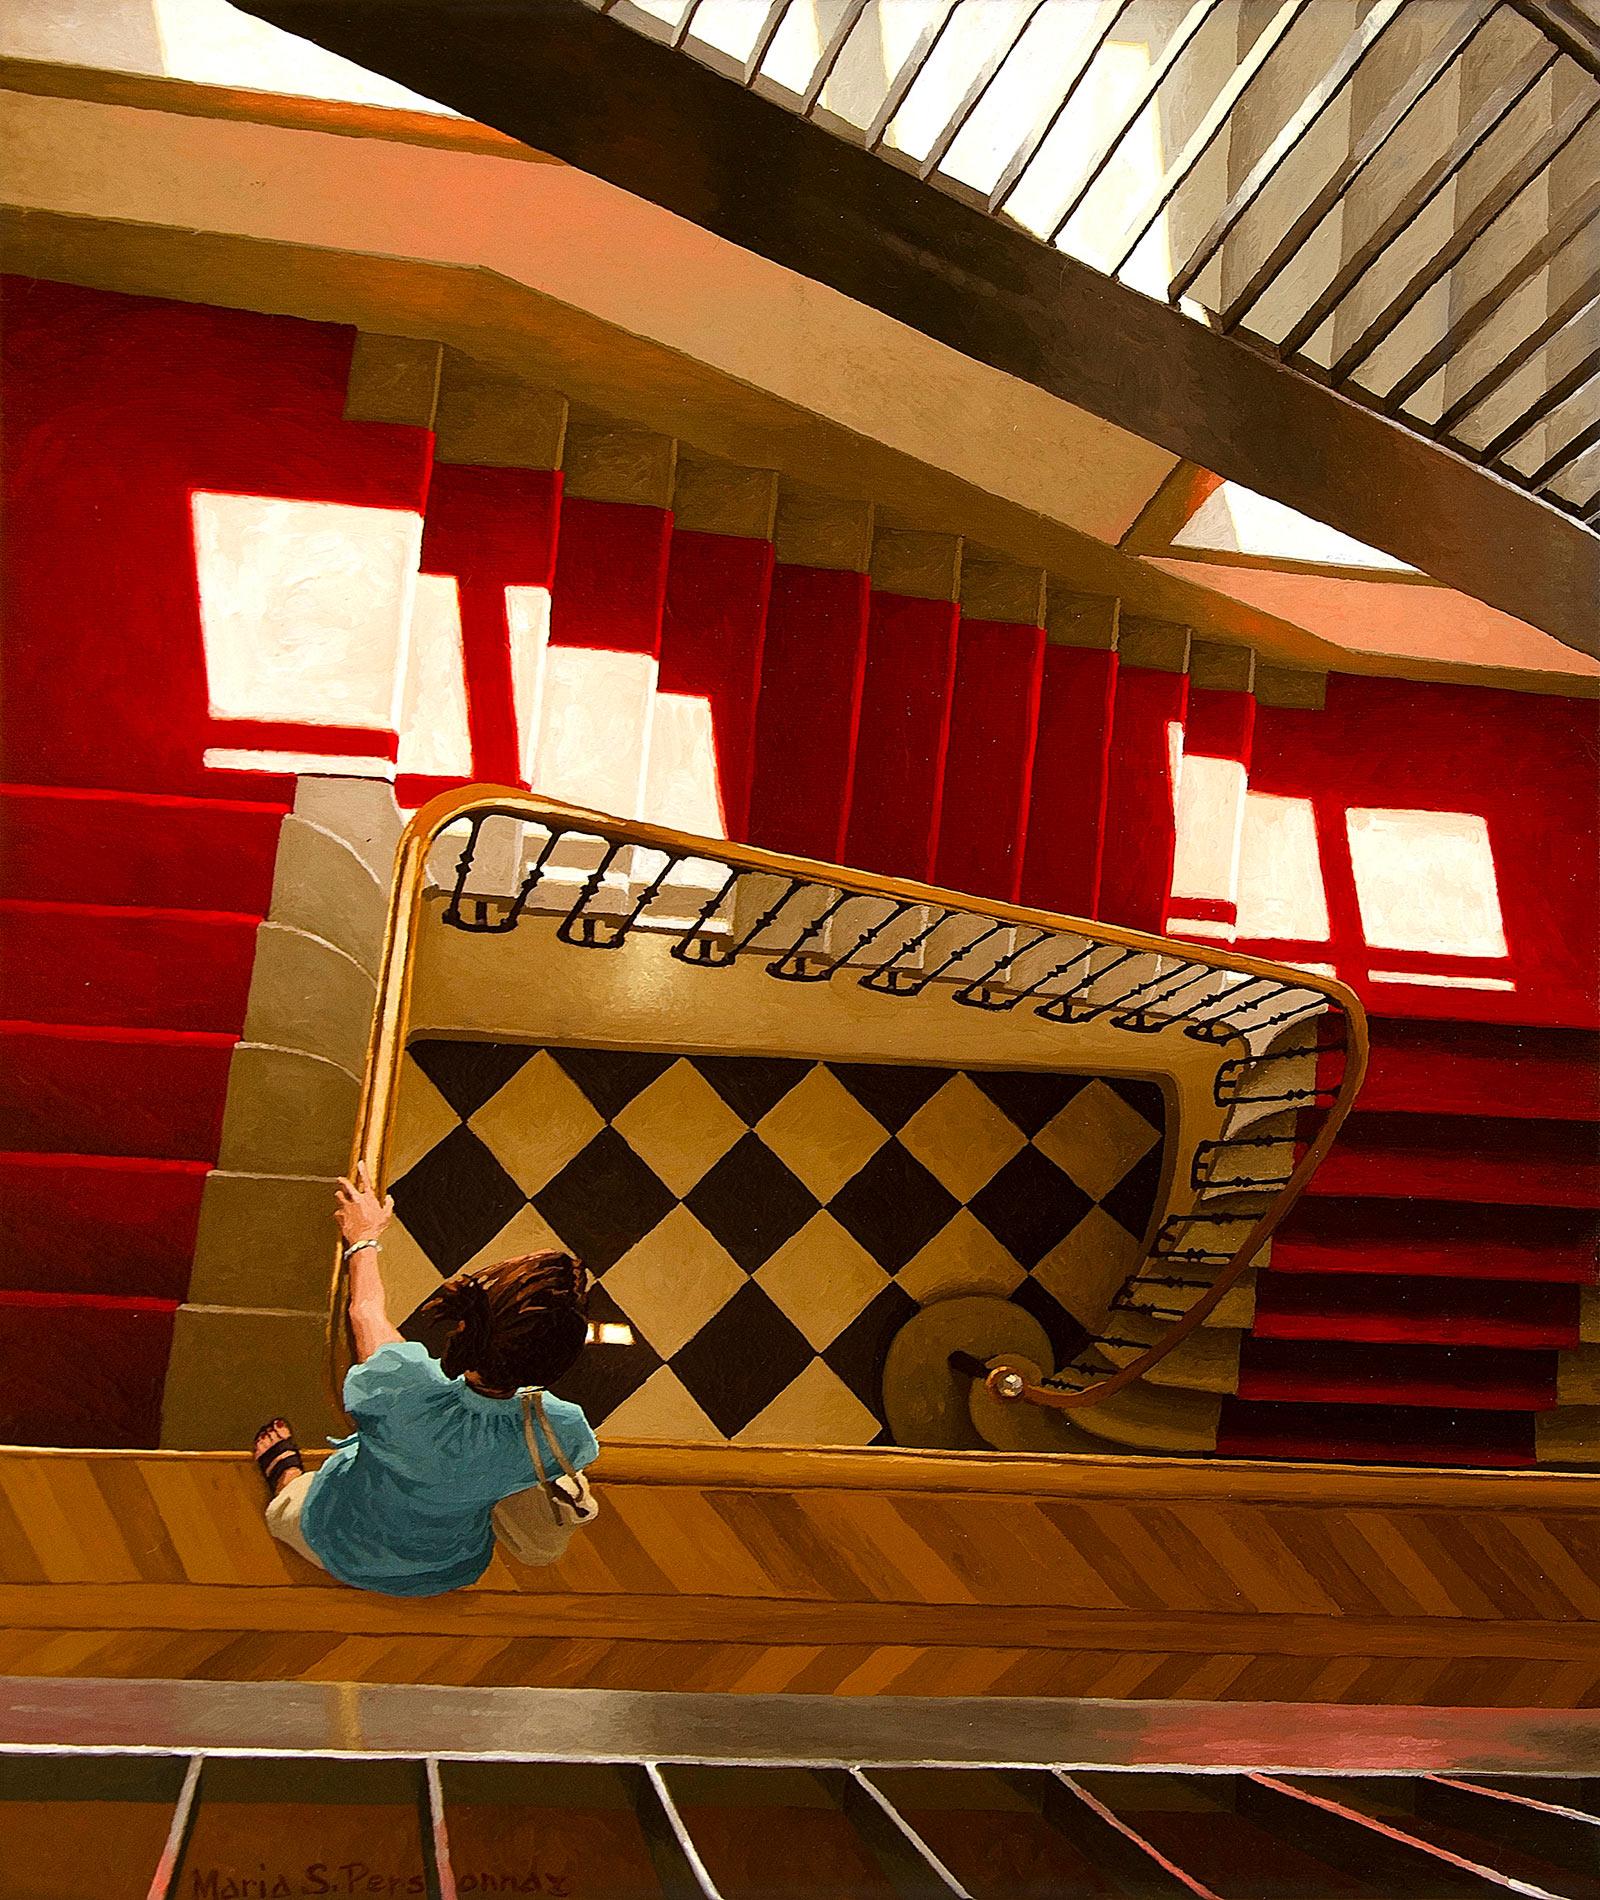 Escalier avec tapis rouge ensoleillé